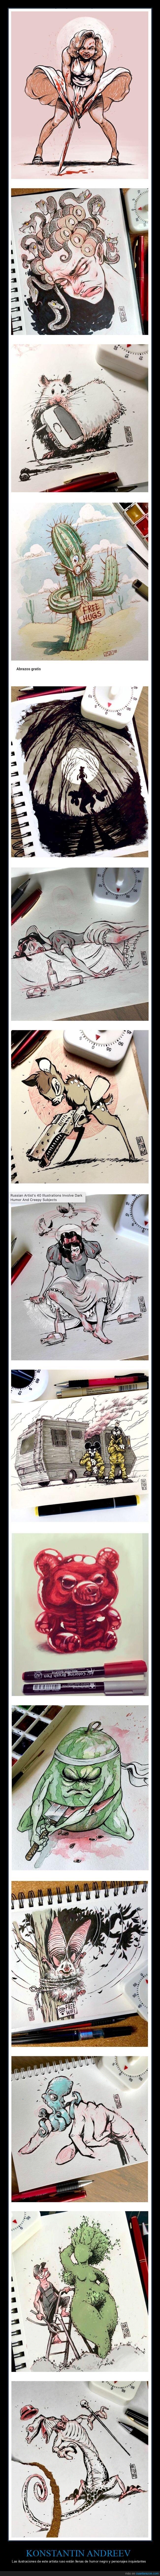 ilustraciones,konstantin andreev